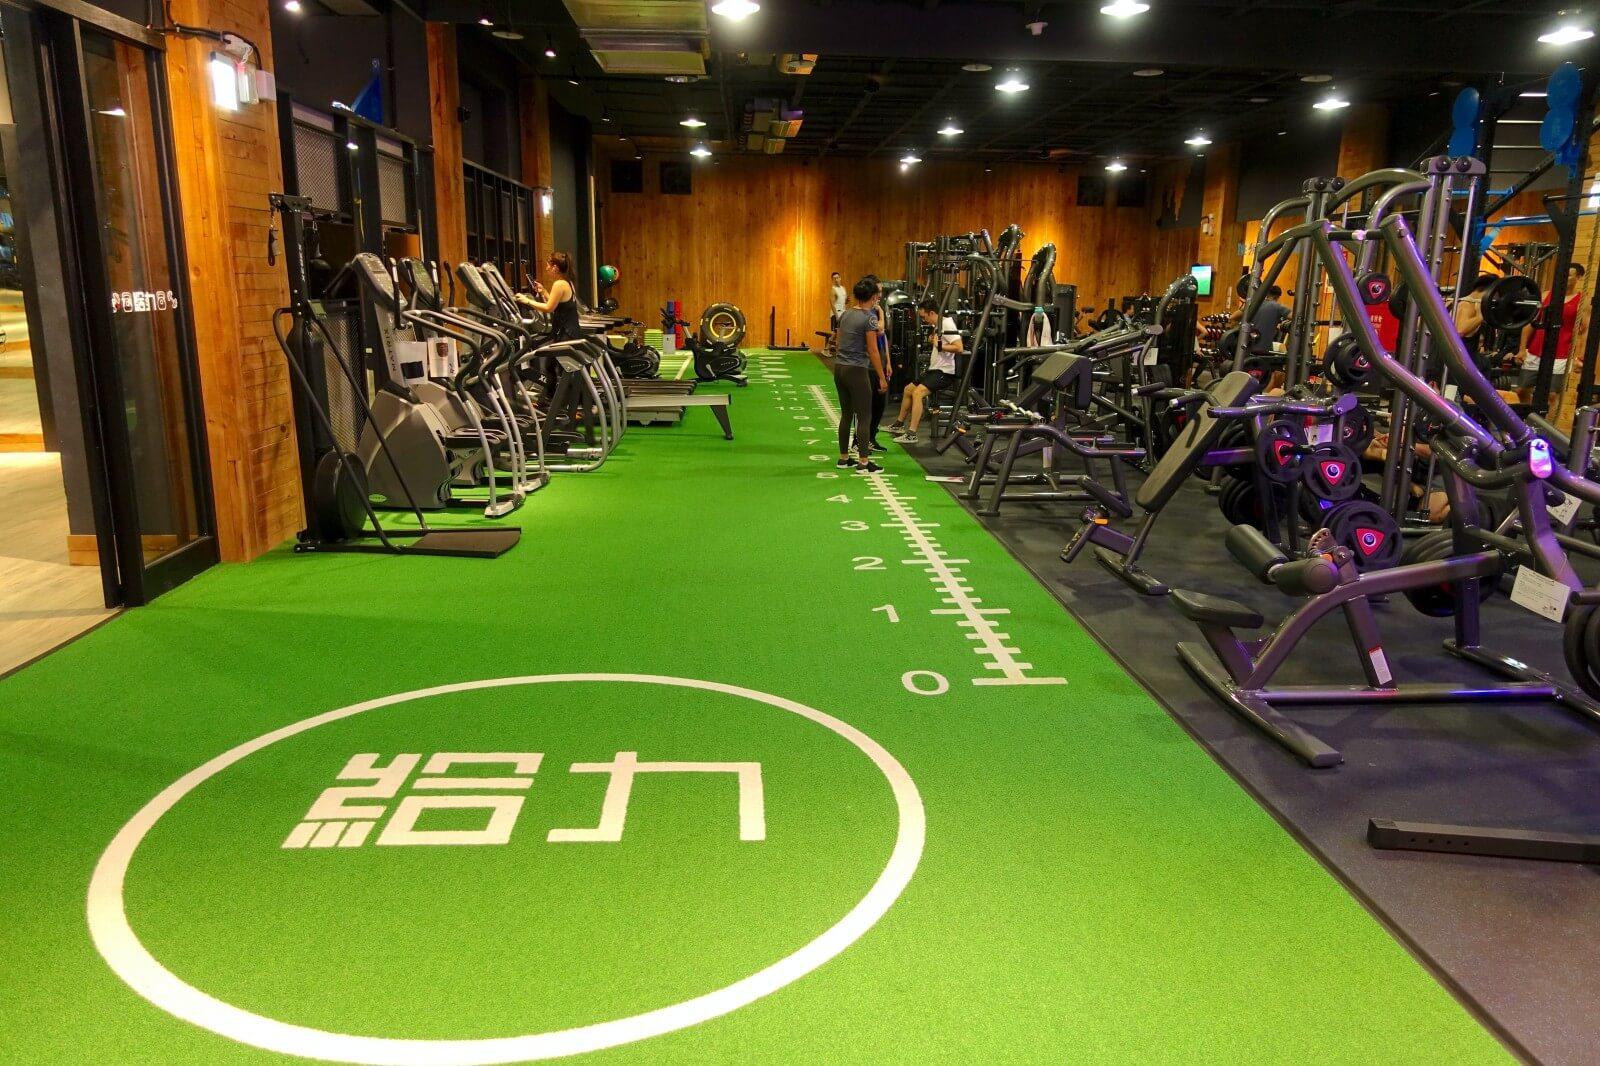 【給力健身房評價】質感24hr台北單次健身房,頂級器材無負擔使用